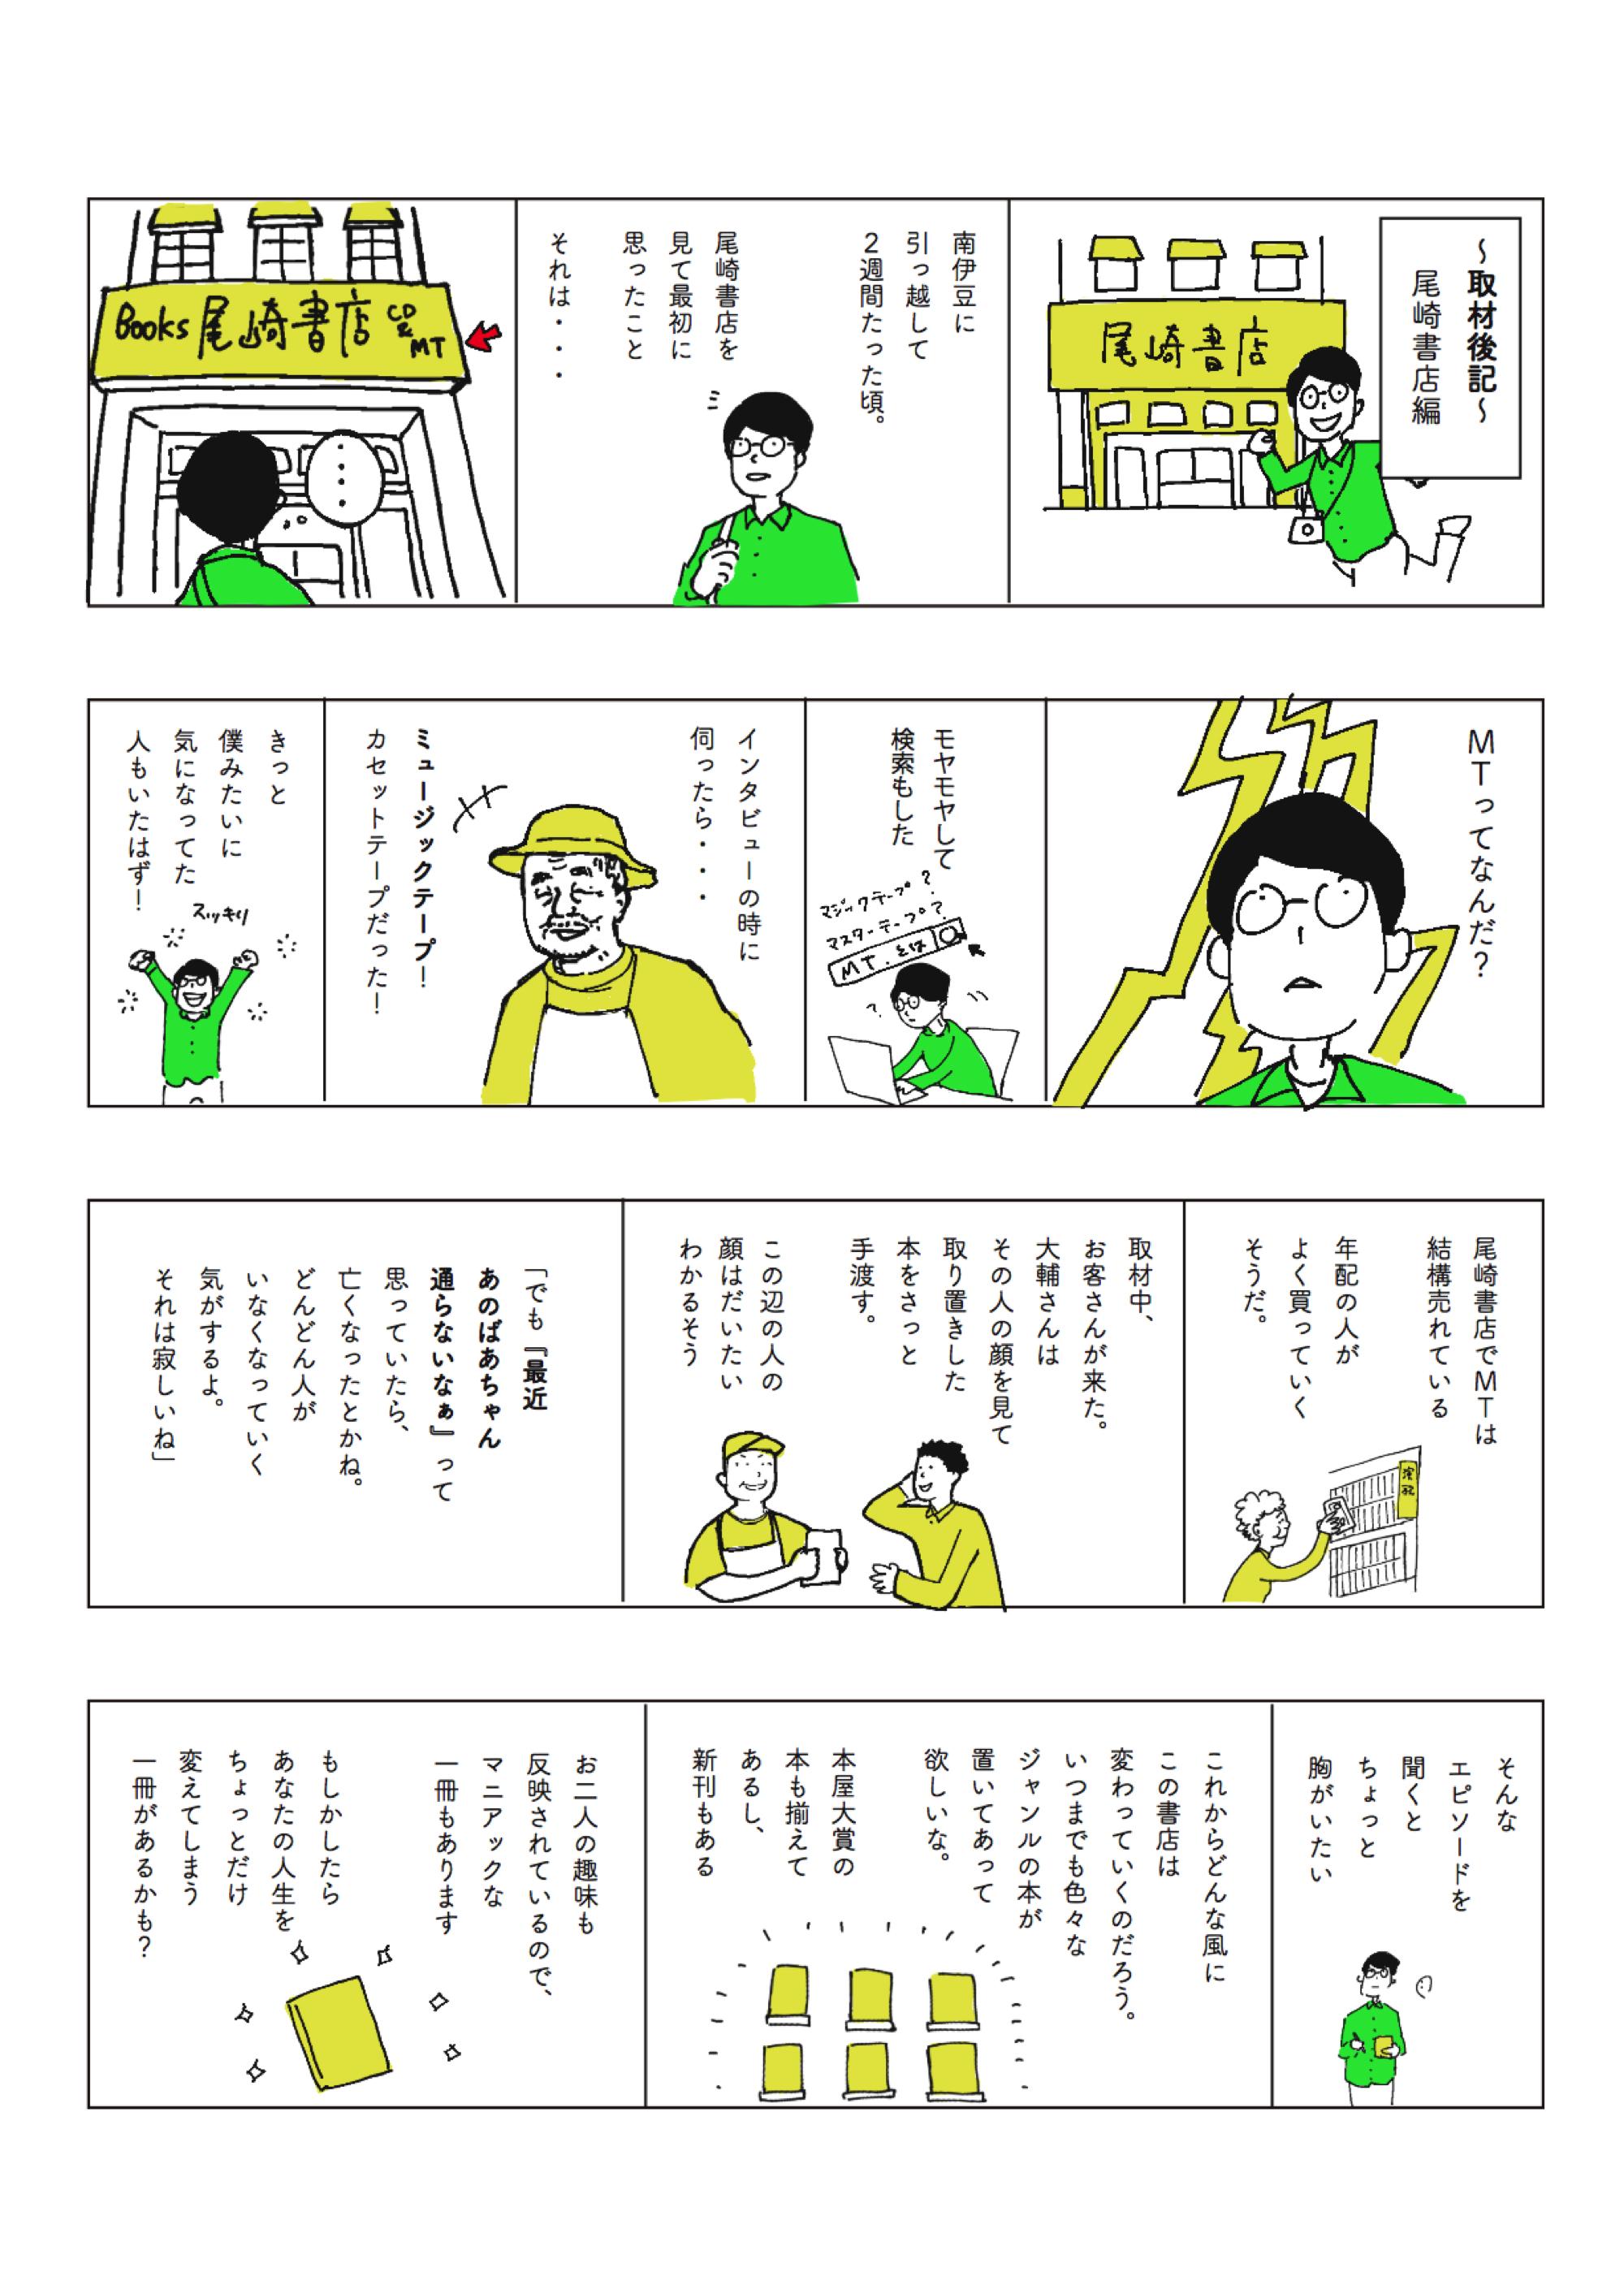 尾崎書店 copy